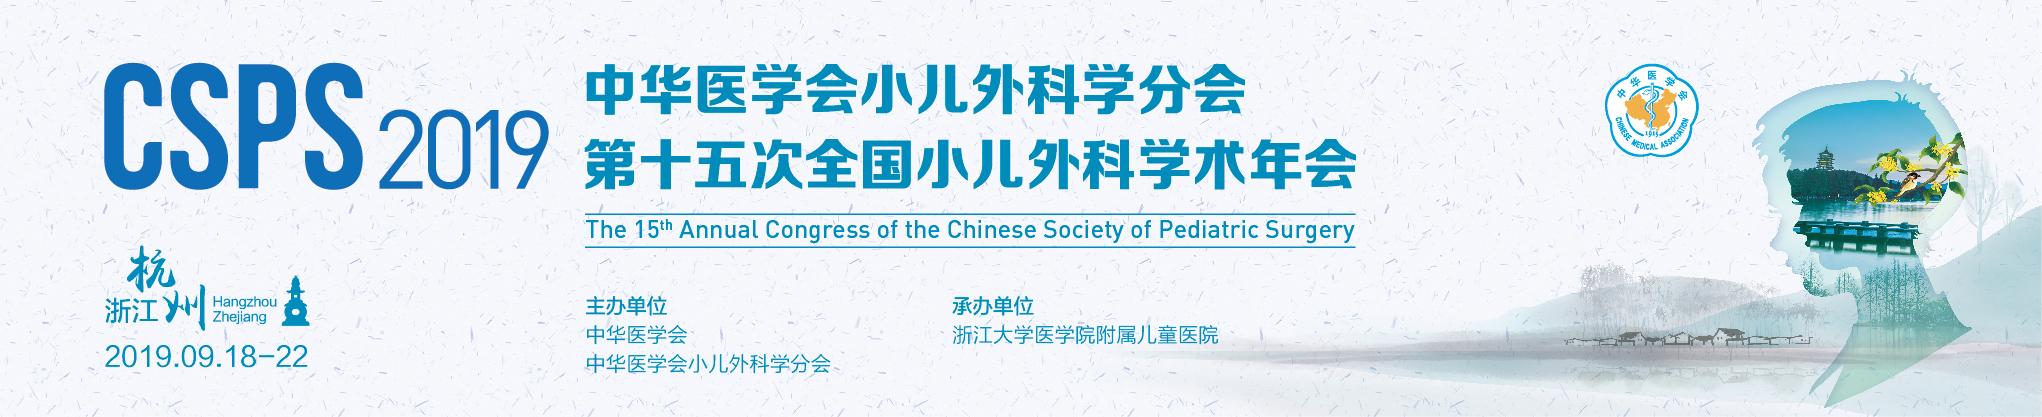 中华医学会小儿外科学分会第十五次全国小儿外科学术年会